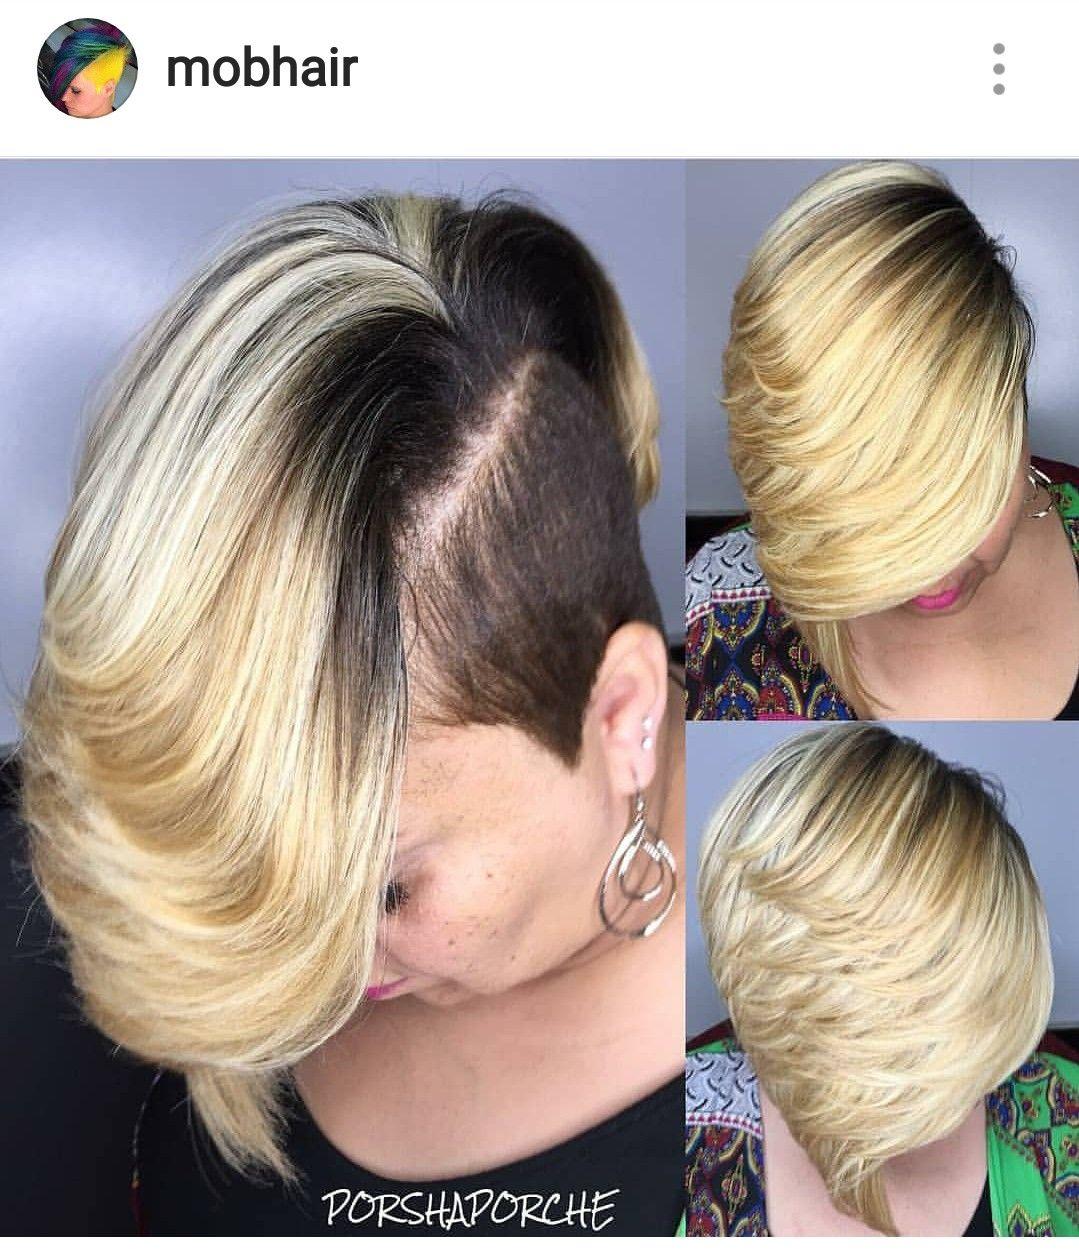 Hair affair hair affair pinterest dark colors shorts and hair